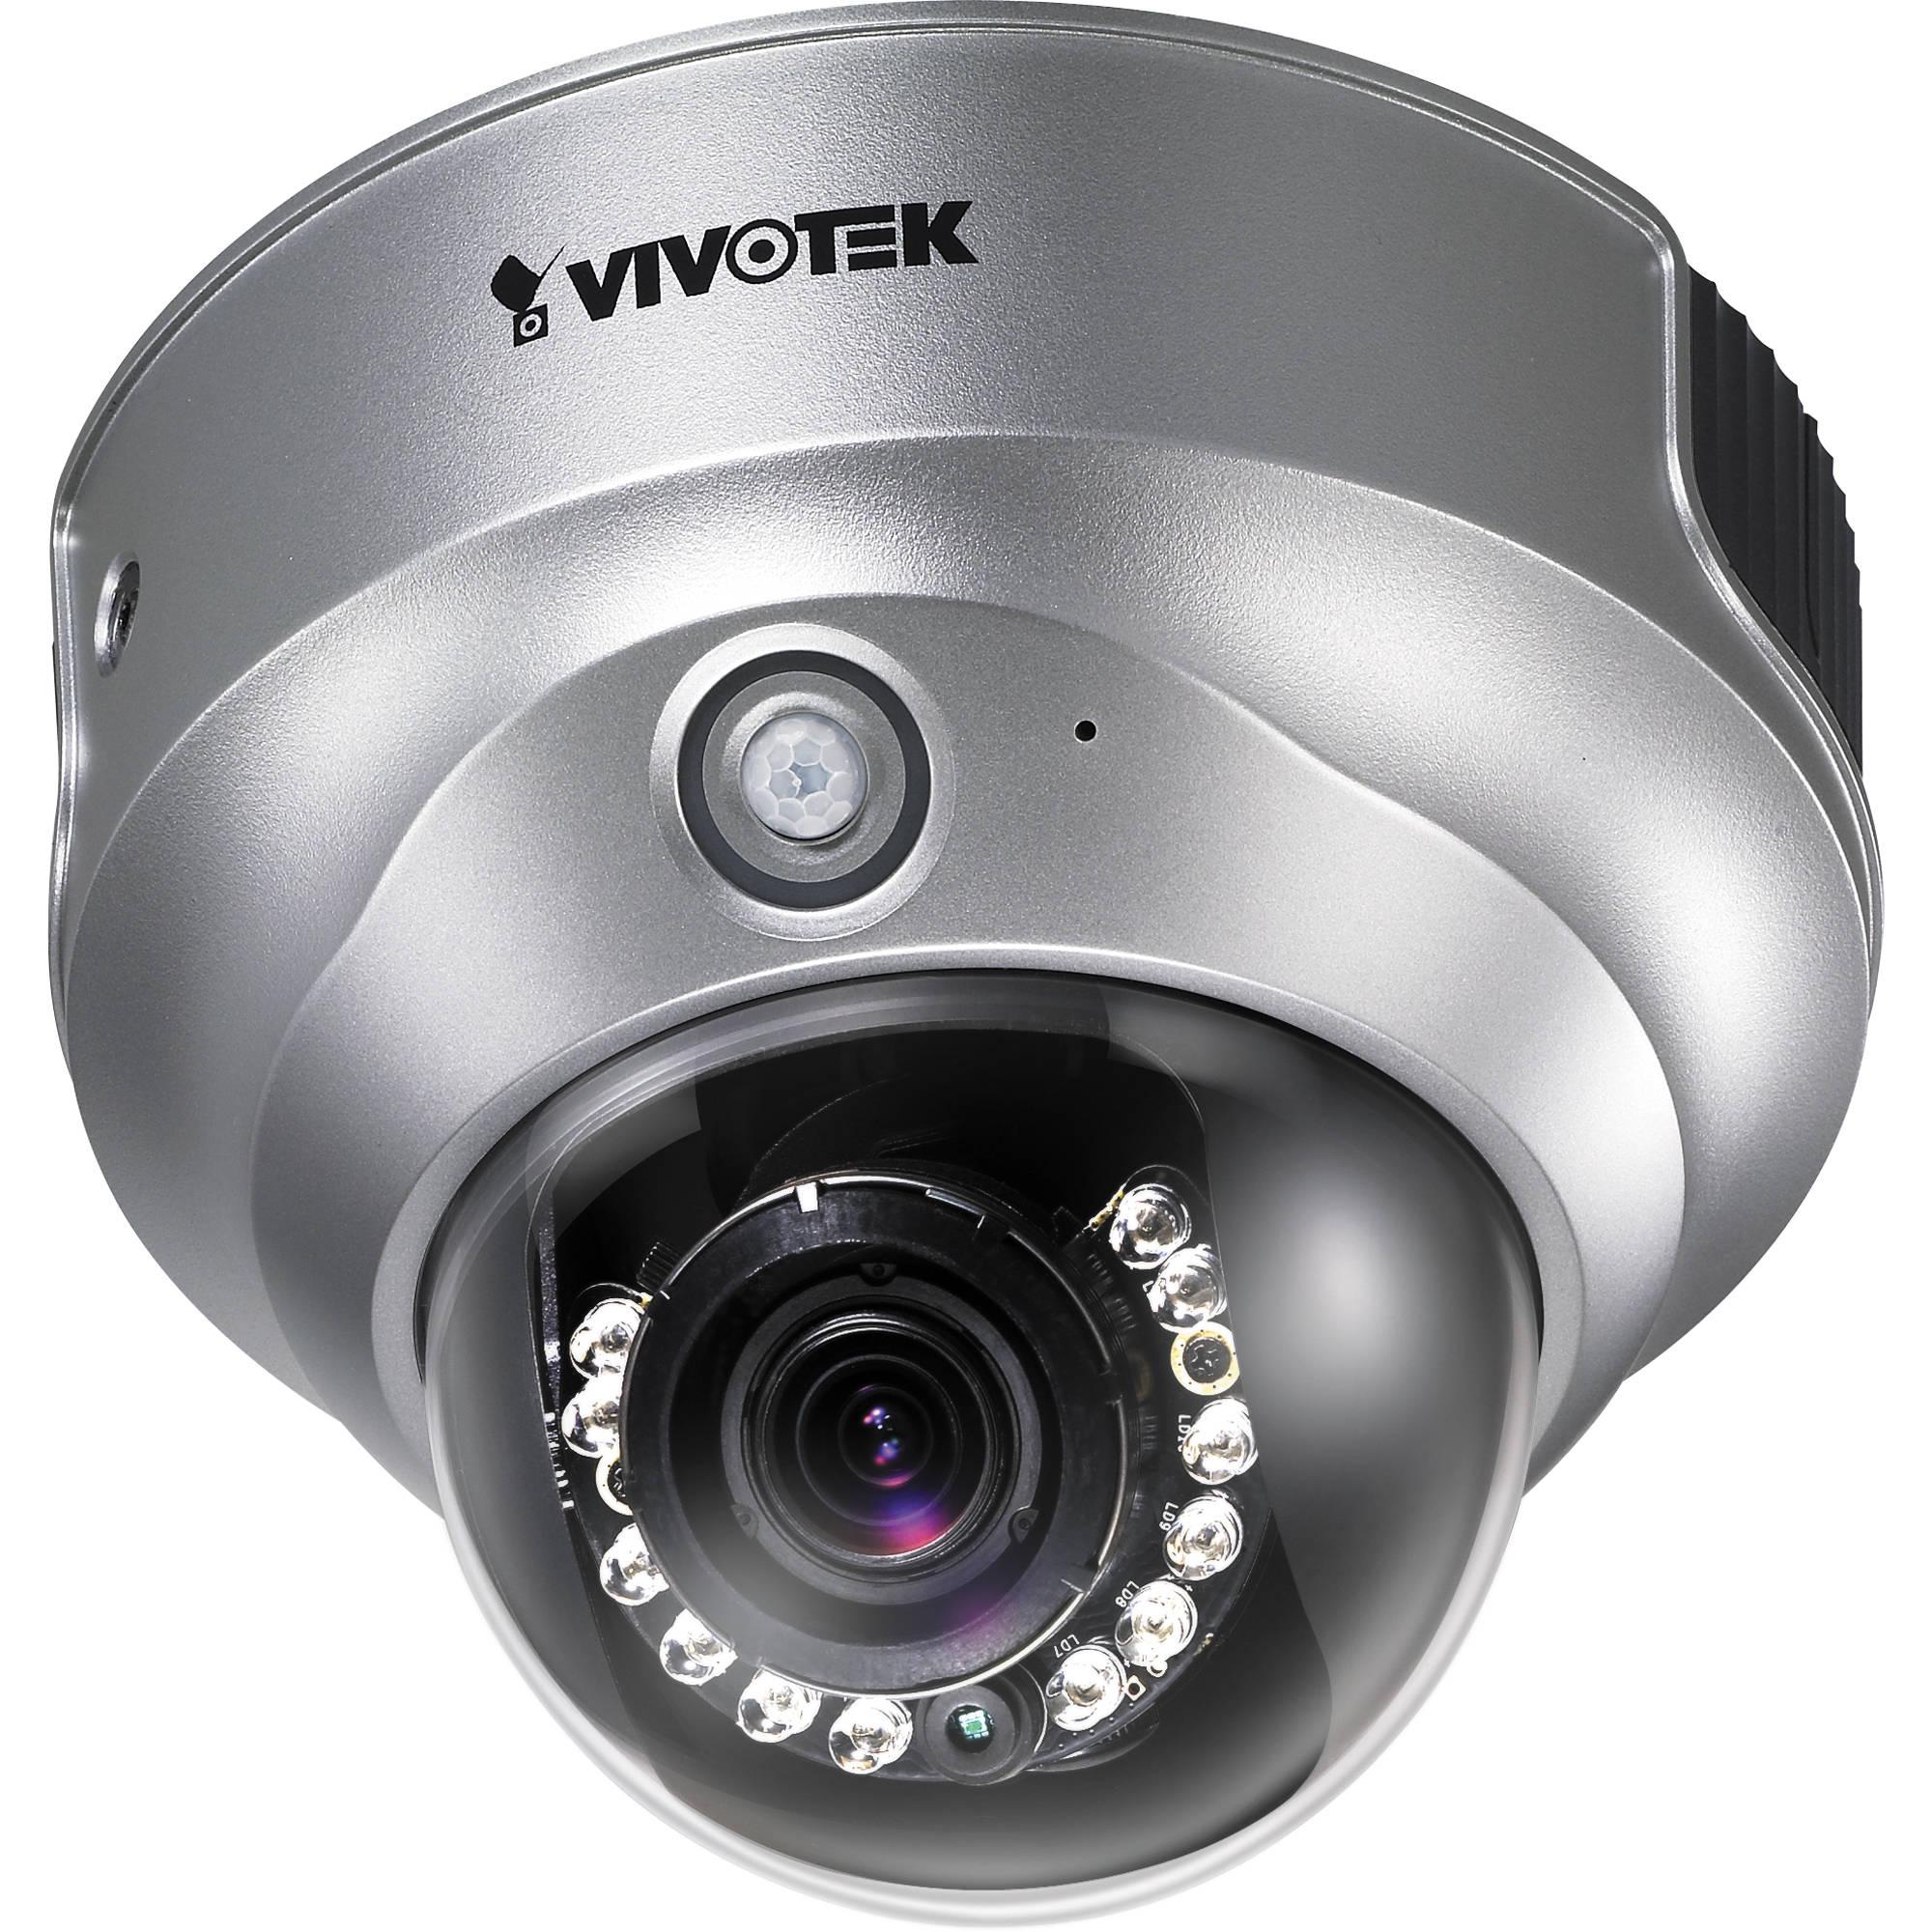 Vivotek FD8161 Fixed Dome Network Camera (2 MP, H.264) FD8161